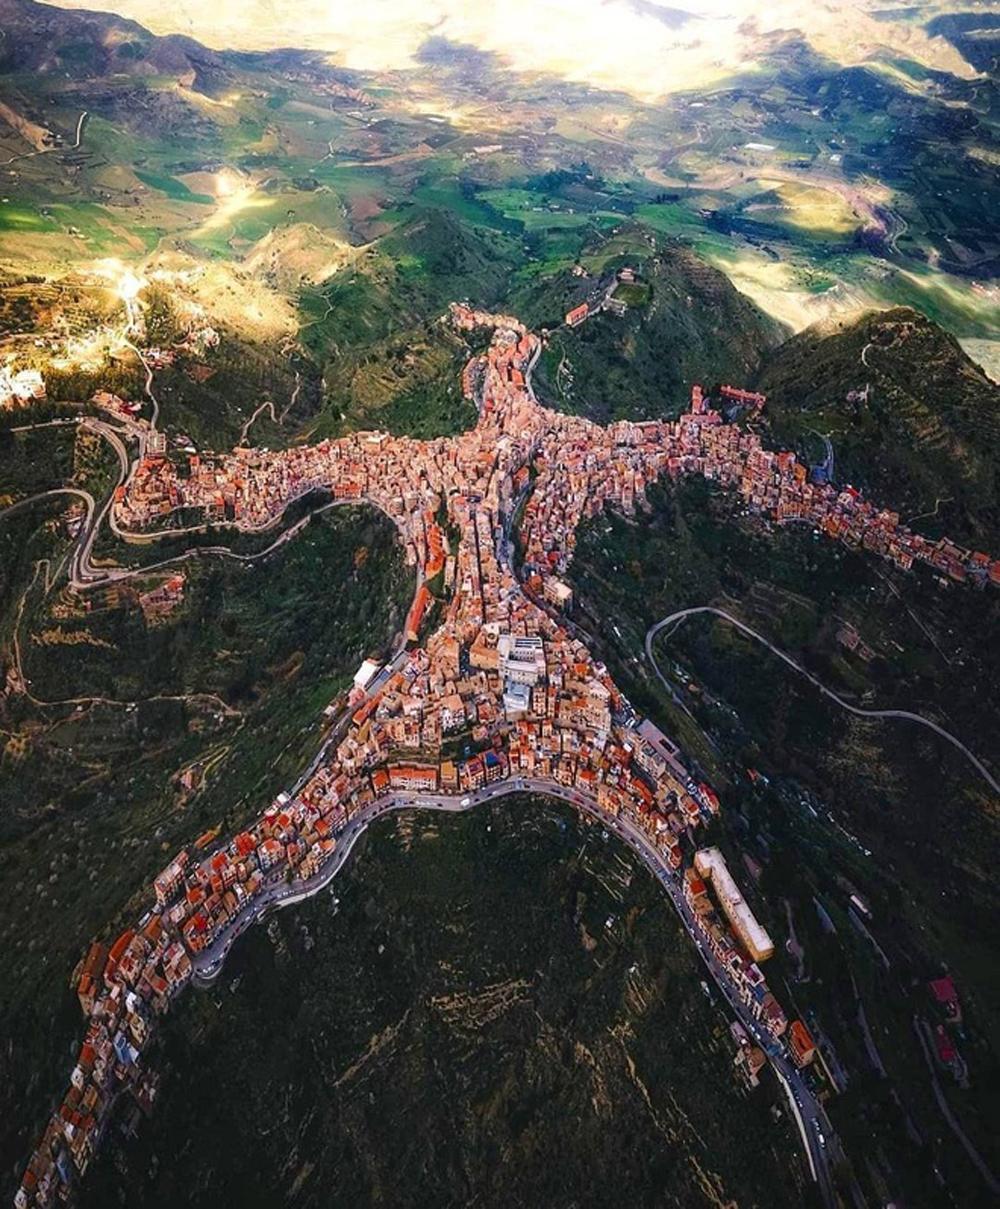 Kỳ lạ ngôi làng có hình dáng con người nằm trên đỉnh núi - Ảnh 1.